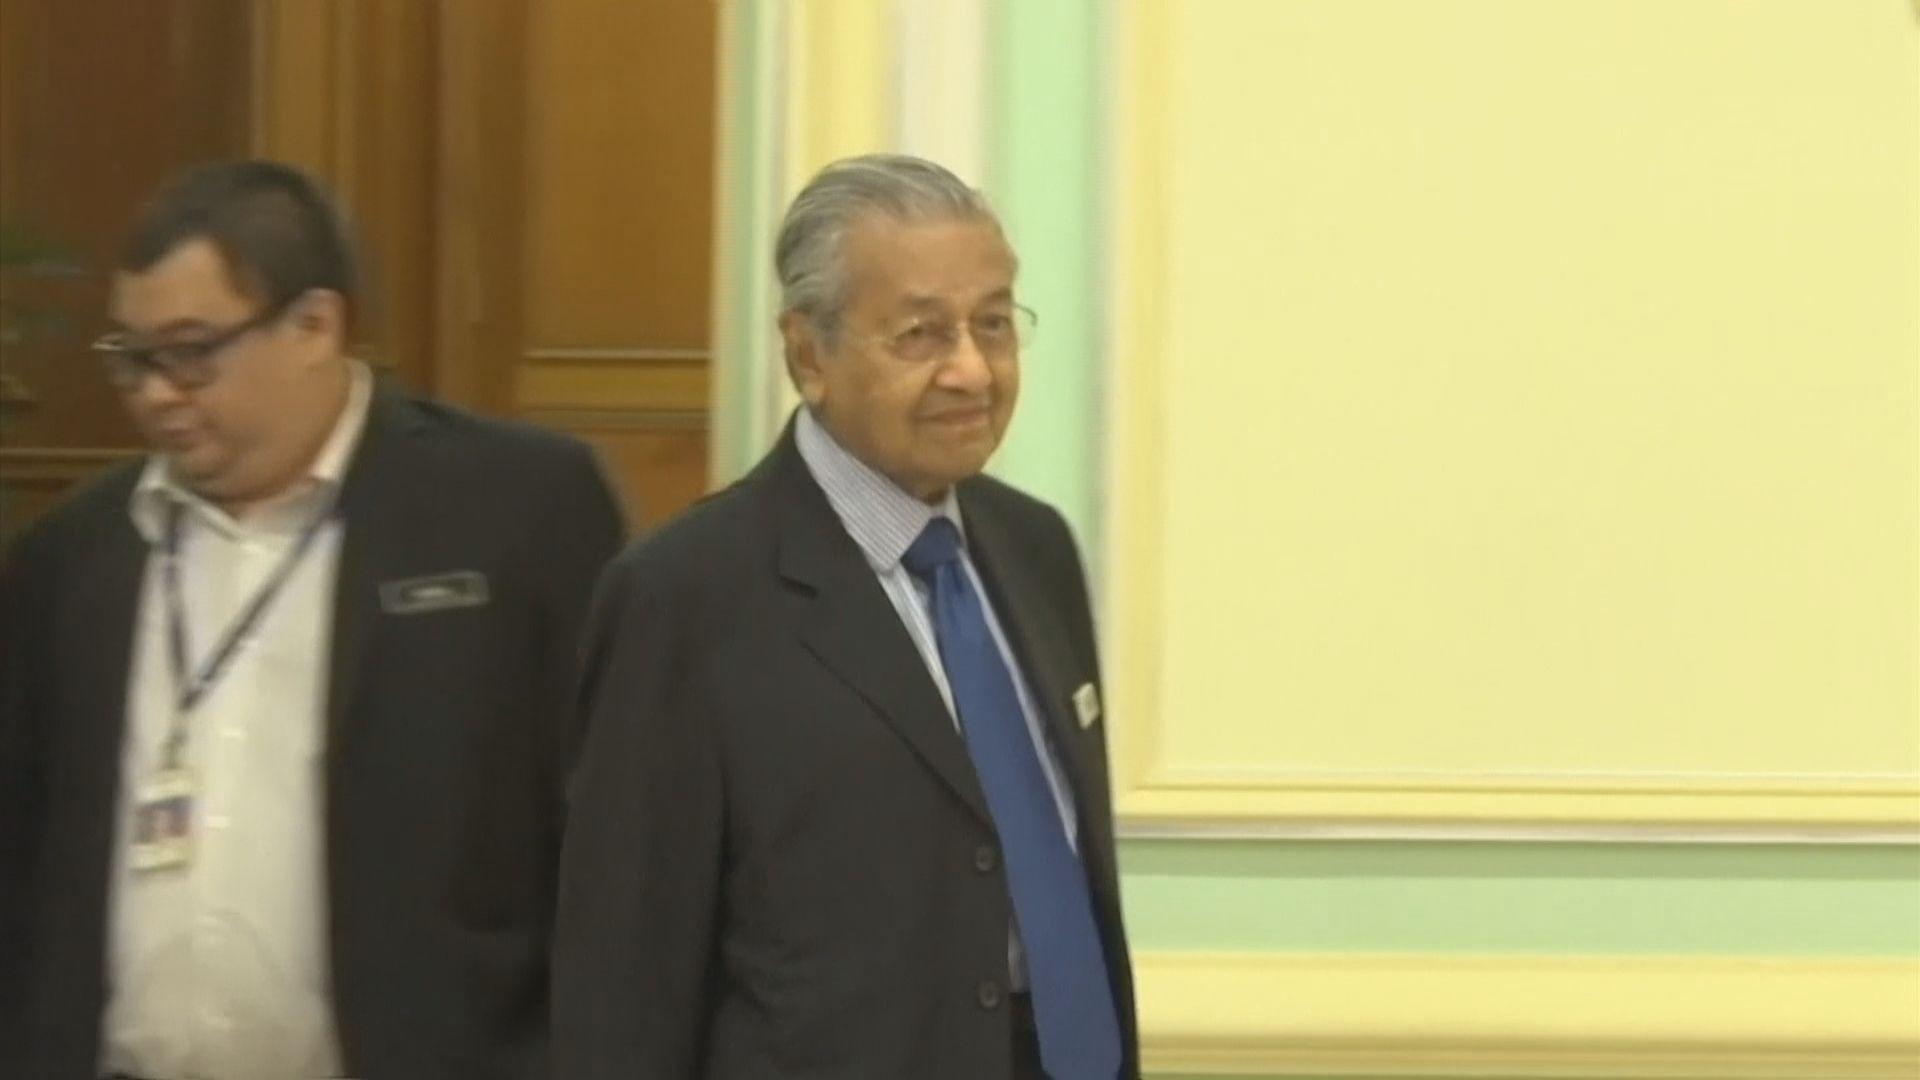 馬哈蒂爾辭任大馬總理 執政聯盟原則上倒台